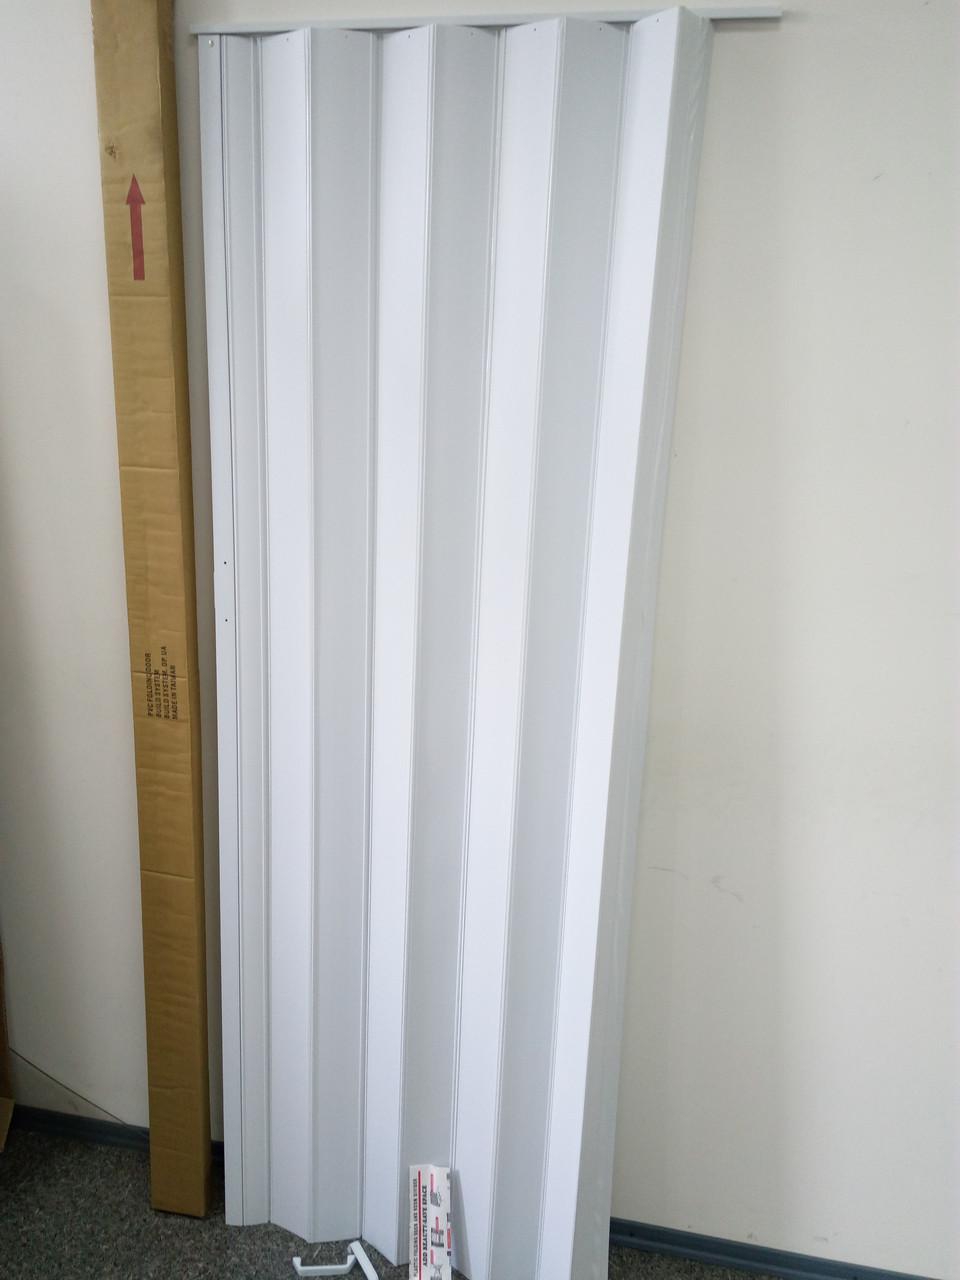 Ширма - гармошка белая 820х2030х0,6 мм гармошка раздвижная межкомнатная пластиковая глухая - фото 2